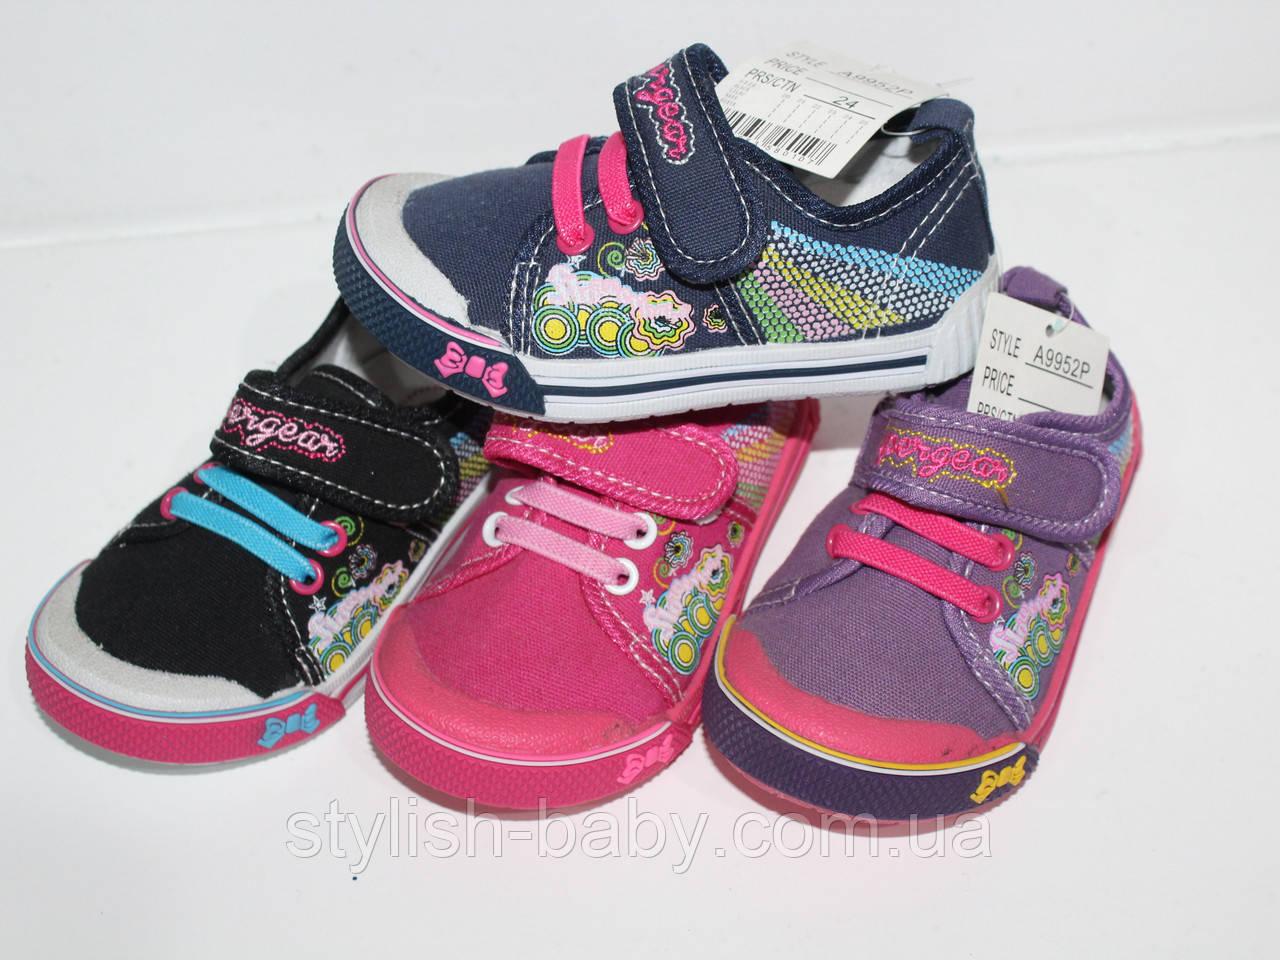 0797a01c8 Детская обувь оптом. Детские кеды бренда Super Gear для девочек (рр. с 20  по 25), цена 82 грн., купить в Одессе — Prom.ua (ID#468064012)